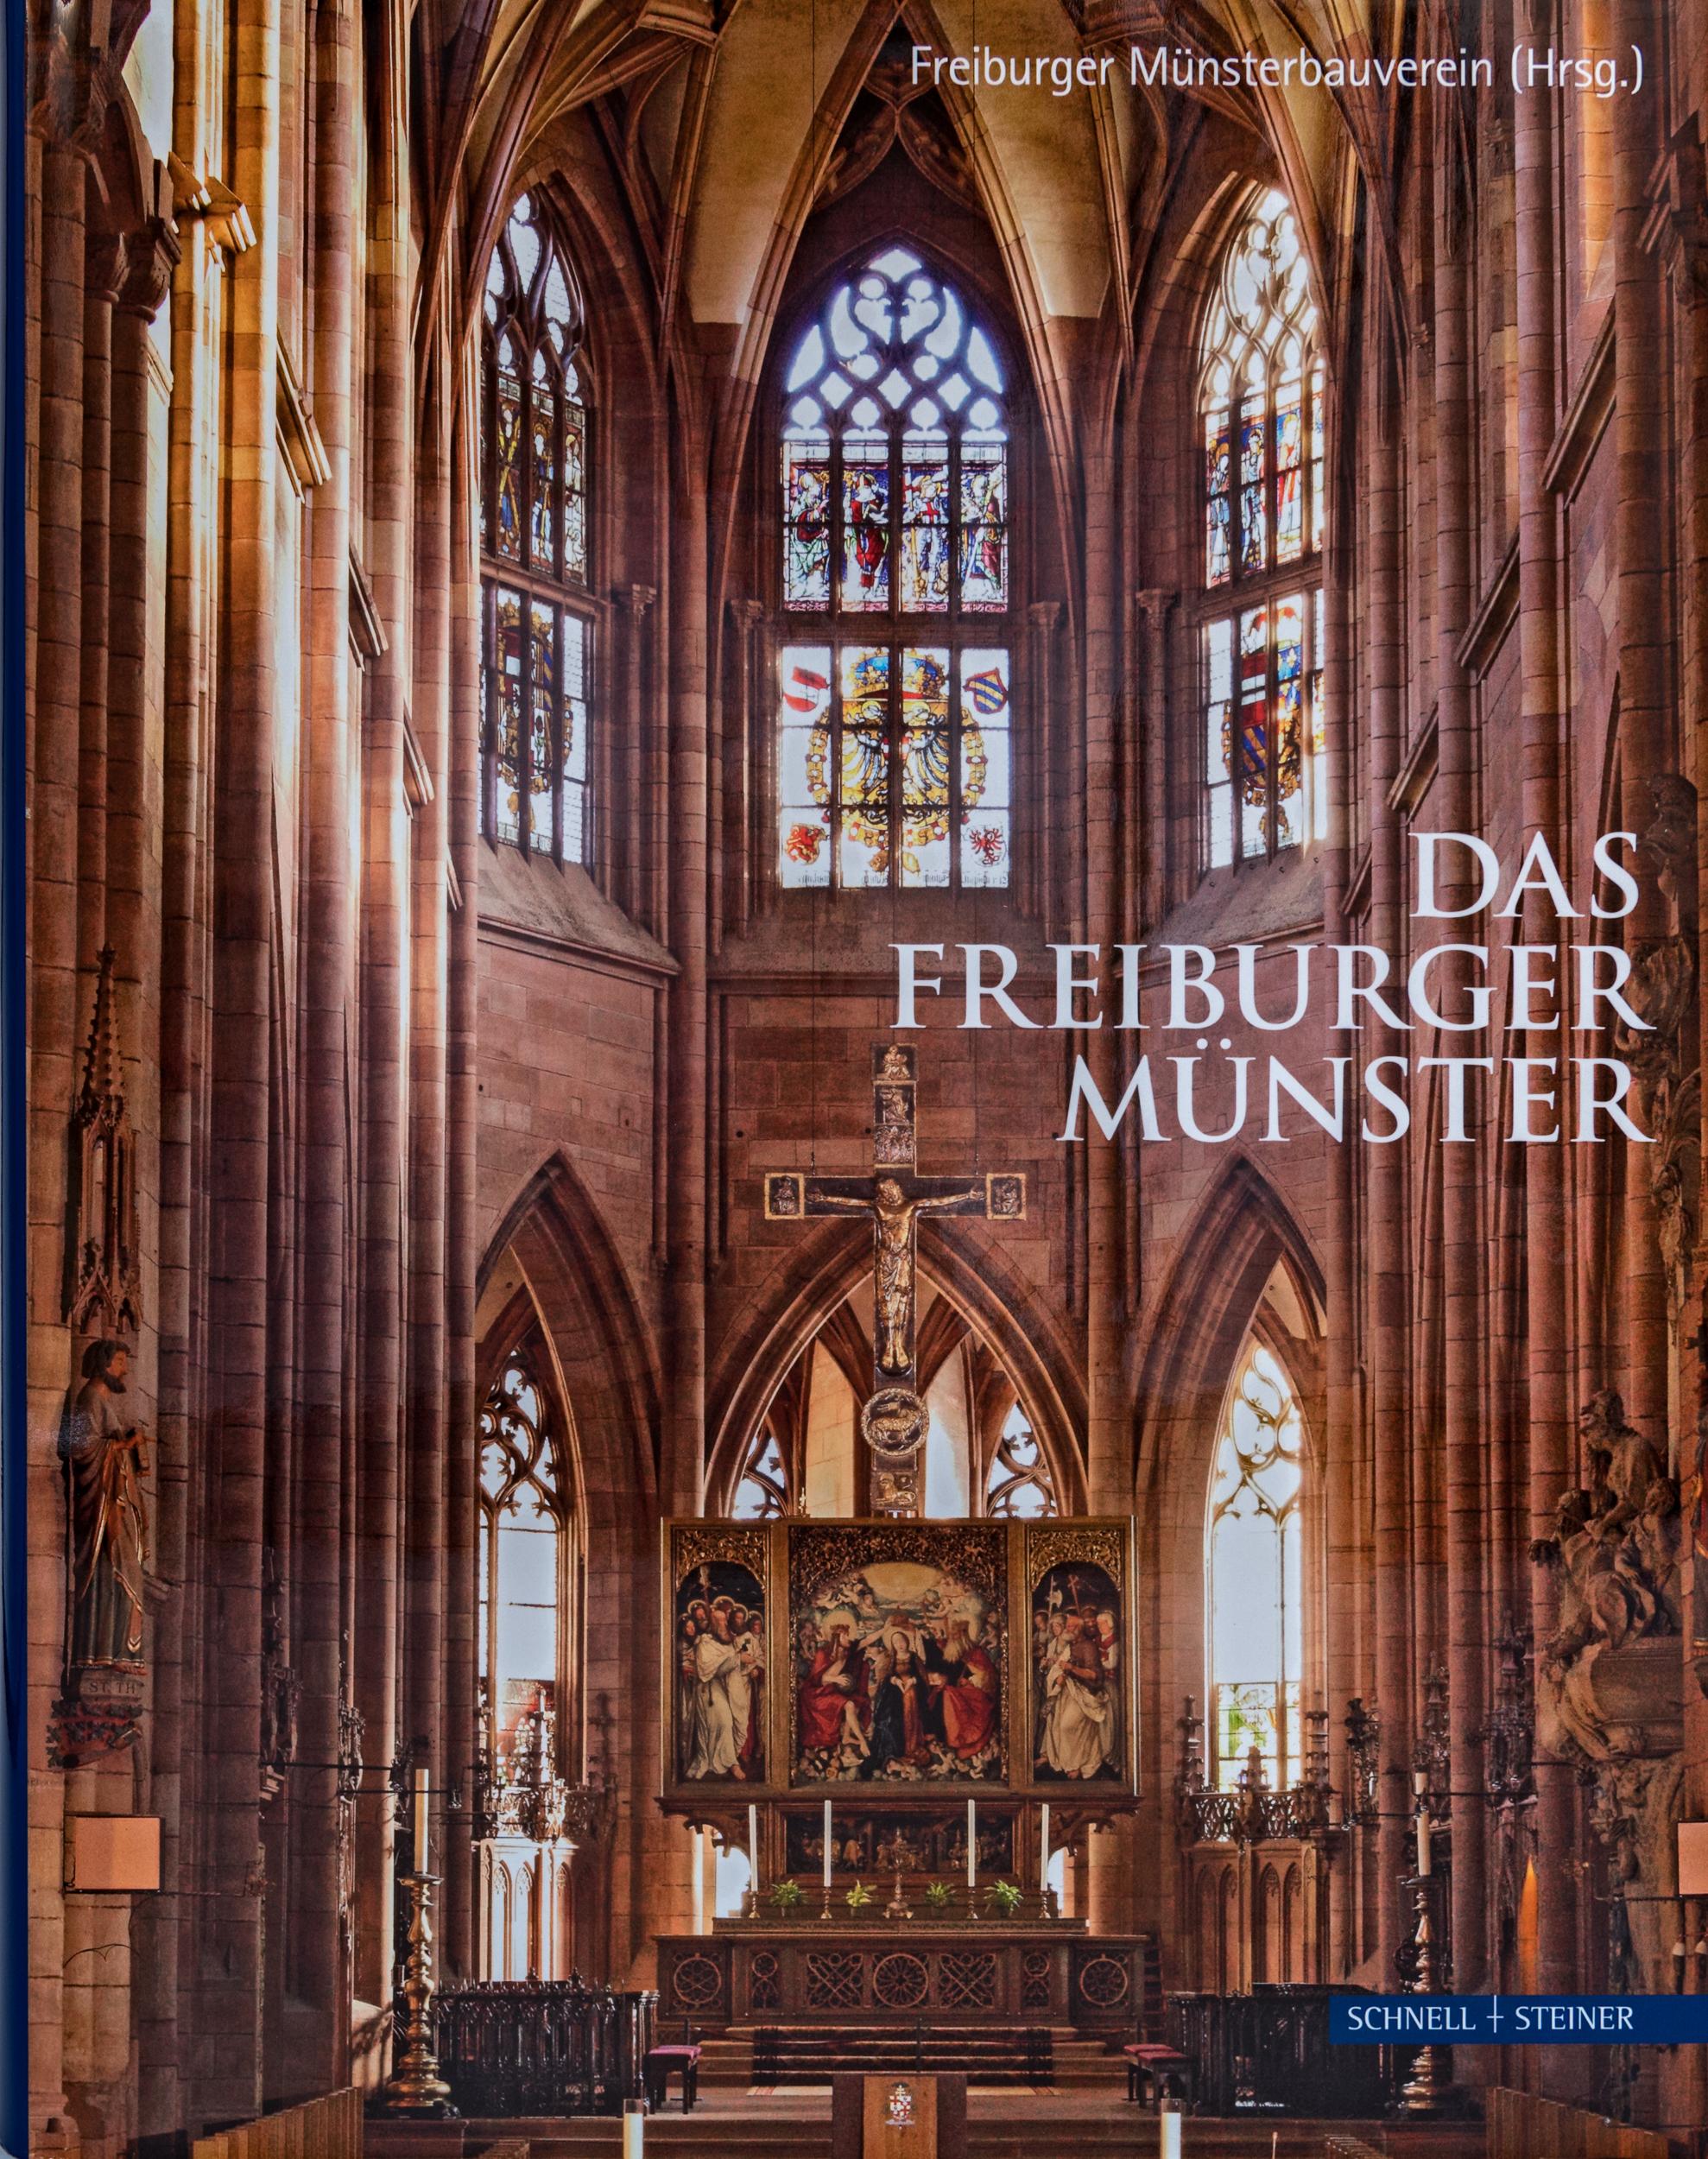 108-Muenster-Laden-Freiburg-Buch-Bildband-Das-Freiburger-Muenster